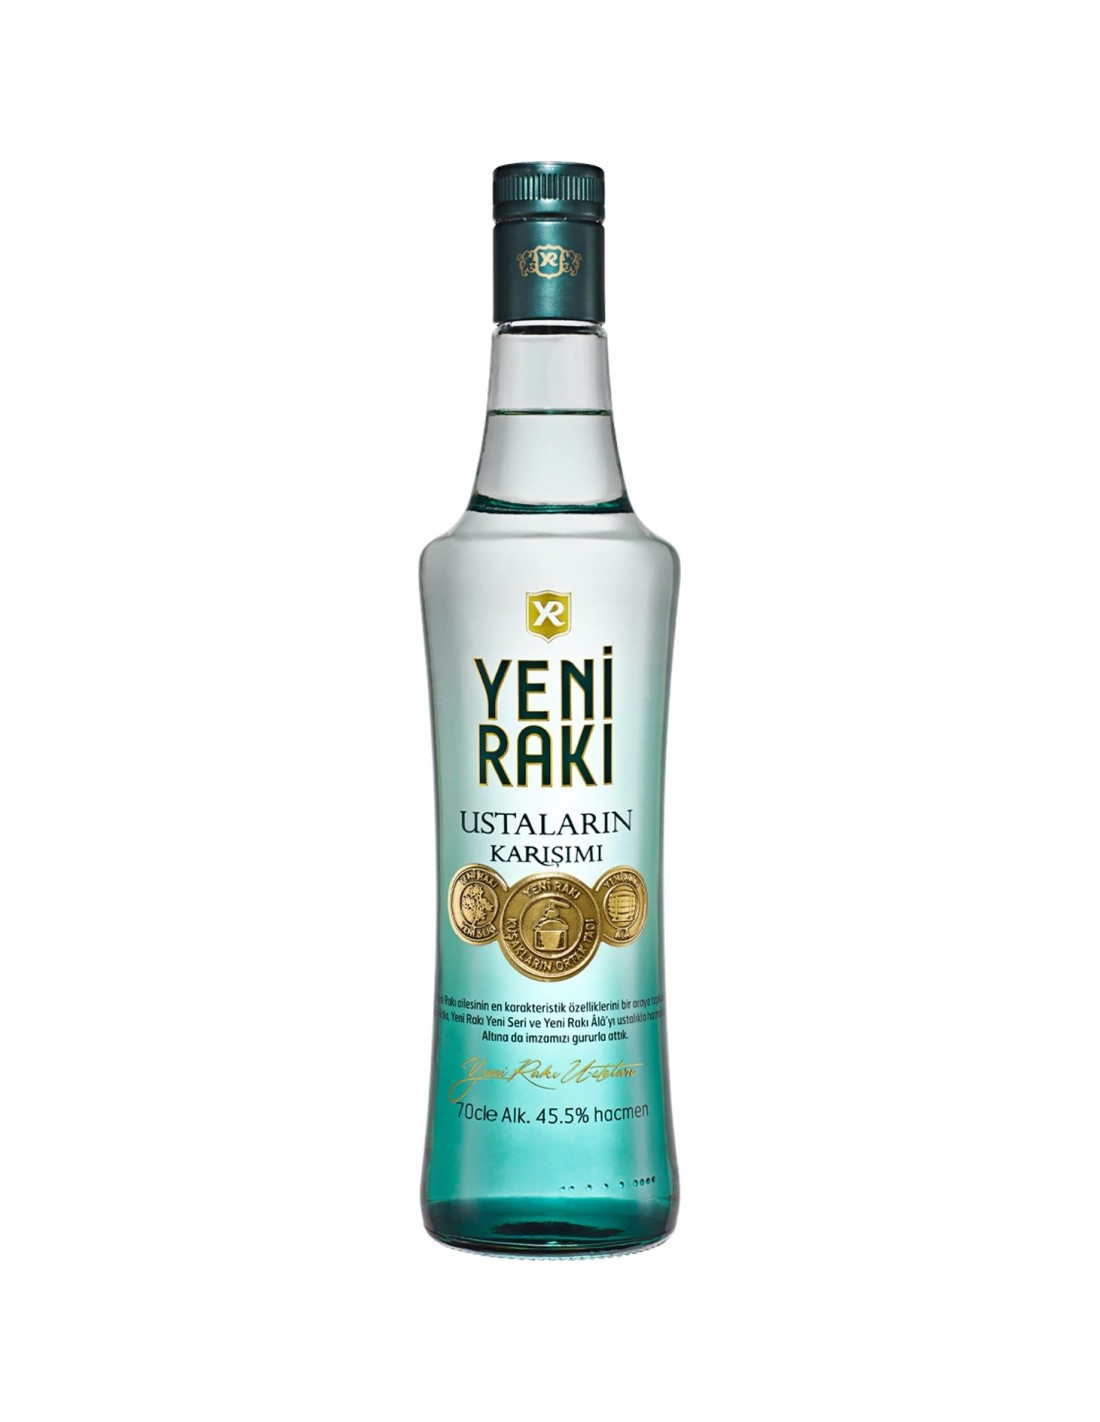 Bautura traditionala Yeni Raki Ustalarin Karisimi, 45.5% alc., 0.7L, Turcia